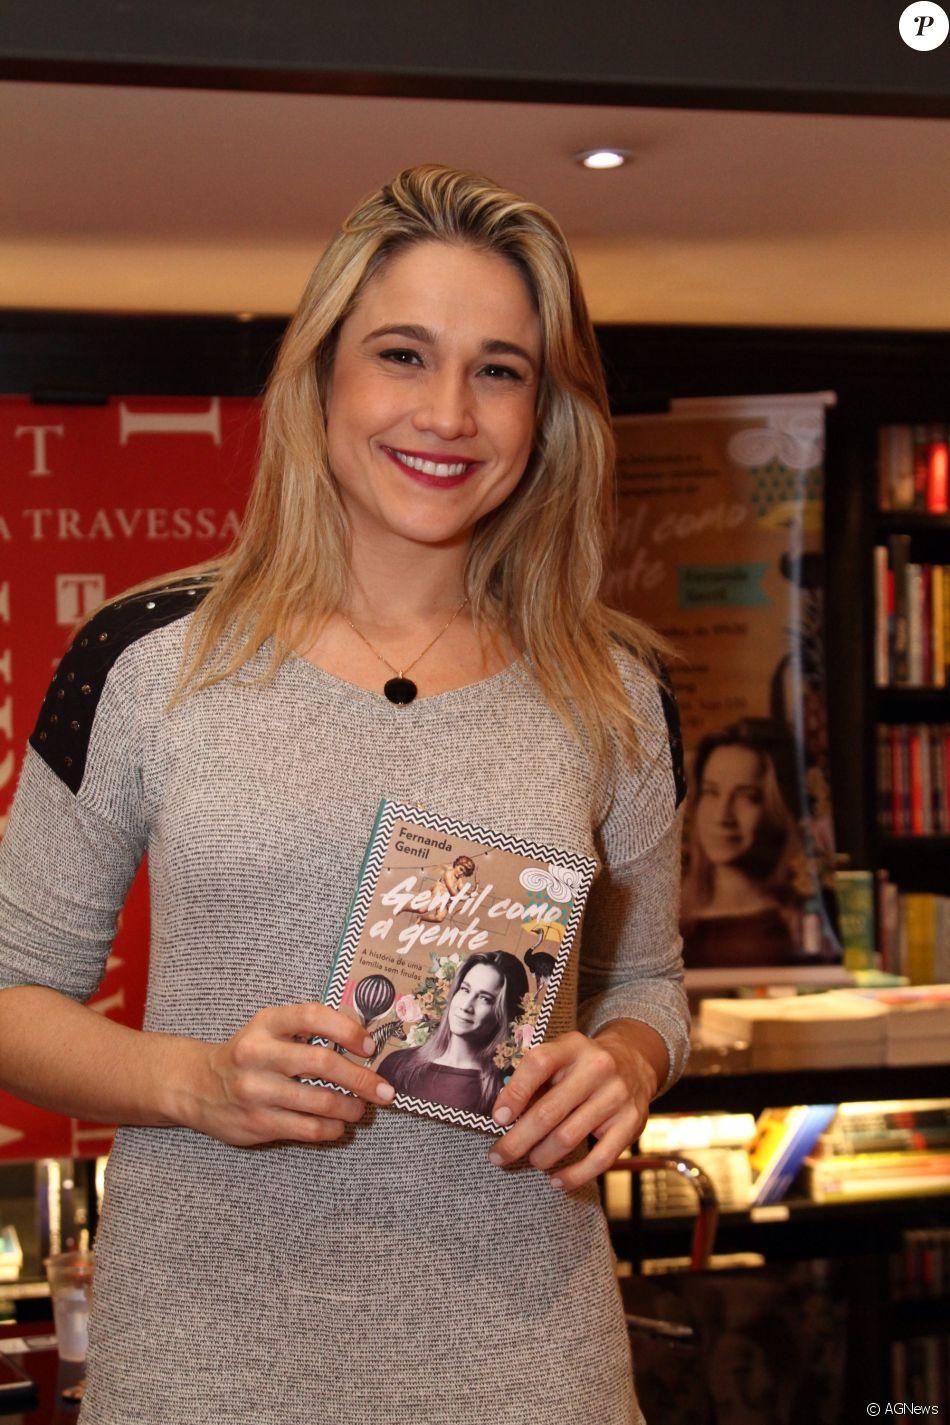 Fernanda Gentil, separada há 3 meses, não descarta viver novo amor em entrevista durante estreia de musical nesta segunda-feira, dia 27 de junho de 2016